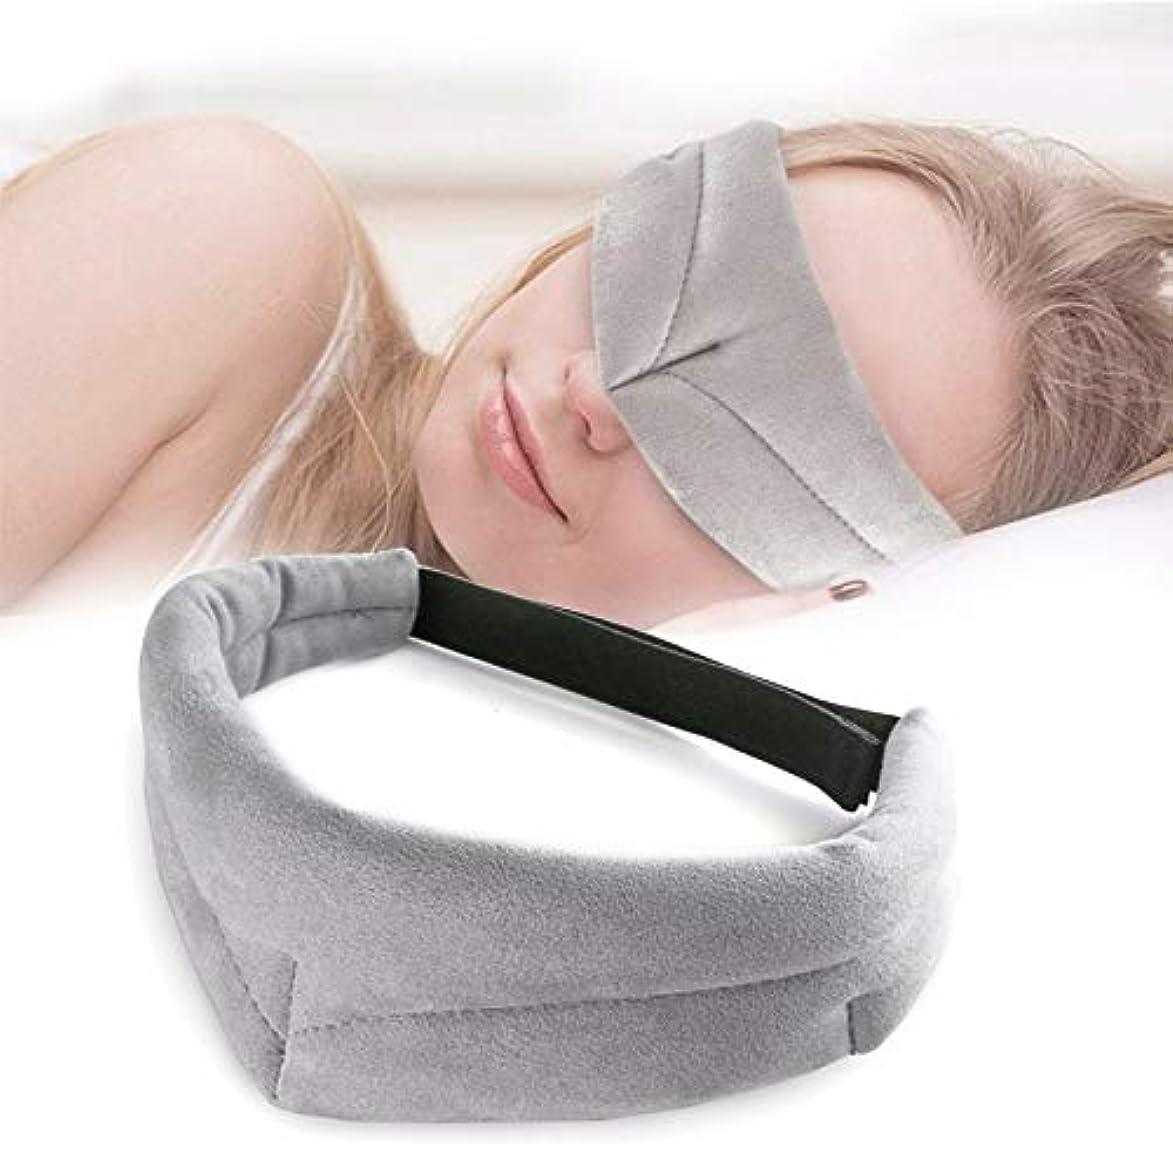 武器ペチュランス耳注目隠しフェイシャル睡眠アイマスク用旅行休息睡眠補助具アイシェード女性男性カバーアイパッチブロックアウトライトアイパッチ